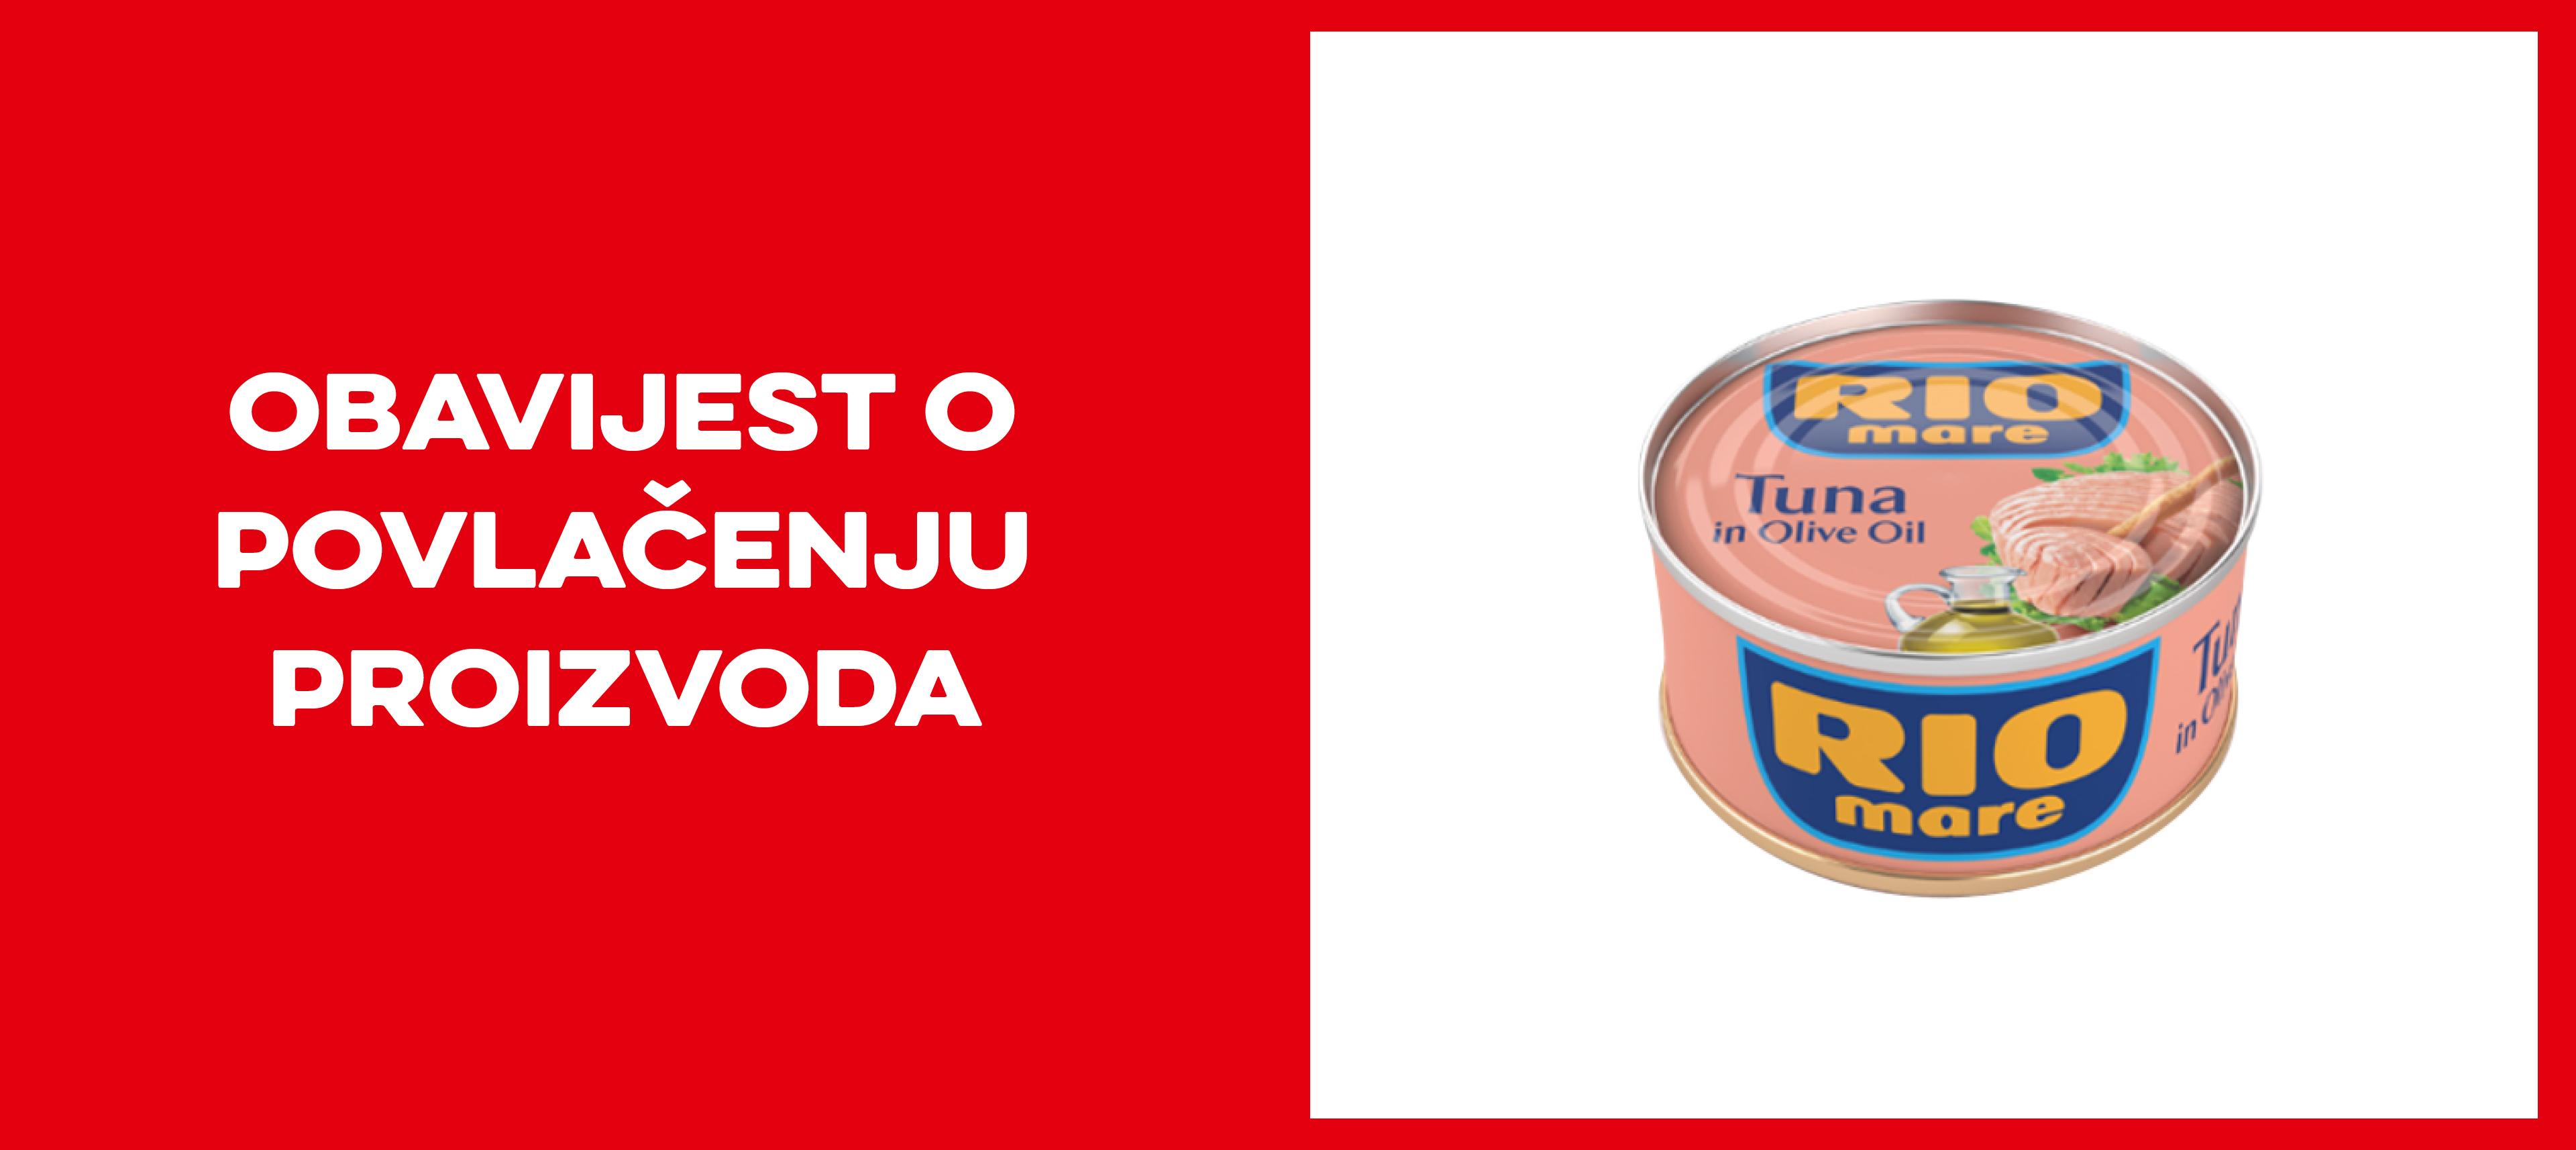 povlacenje proizvoda_tuna.jpg